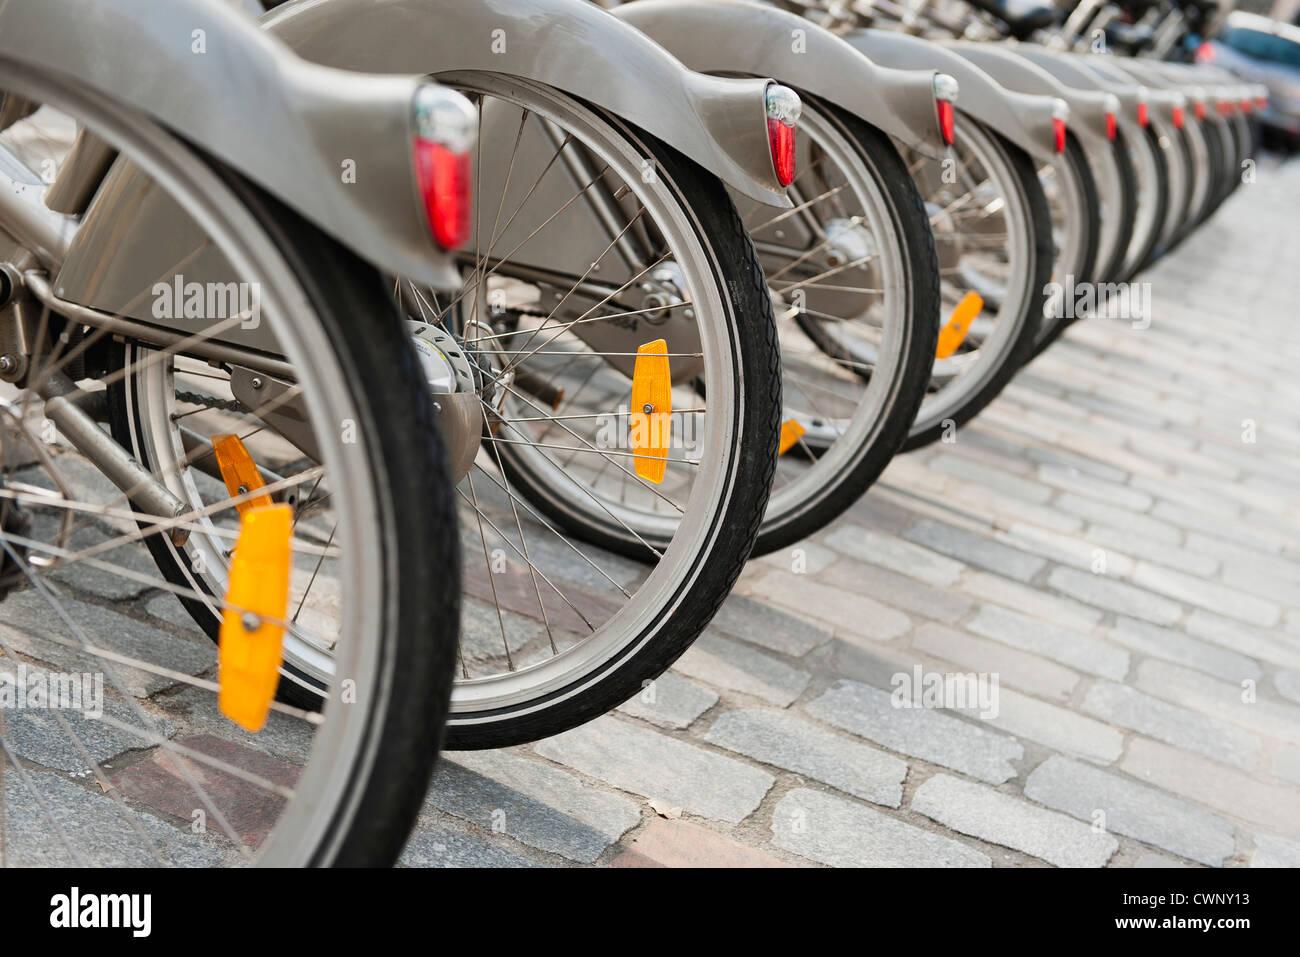 Les vélos garés dans une rangée, cropped Photo Stock